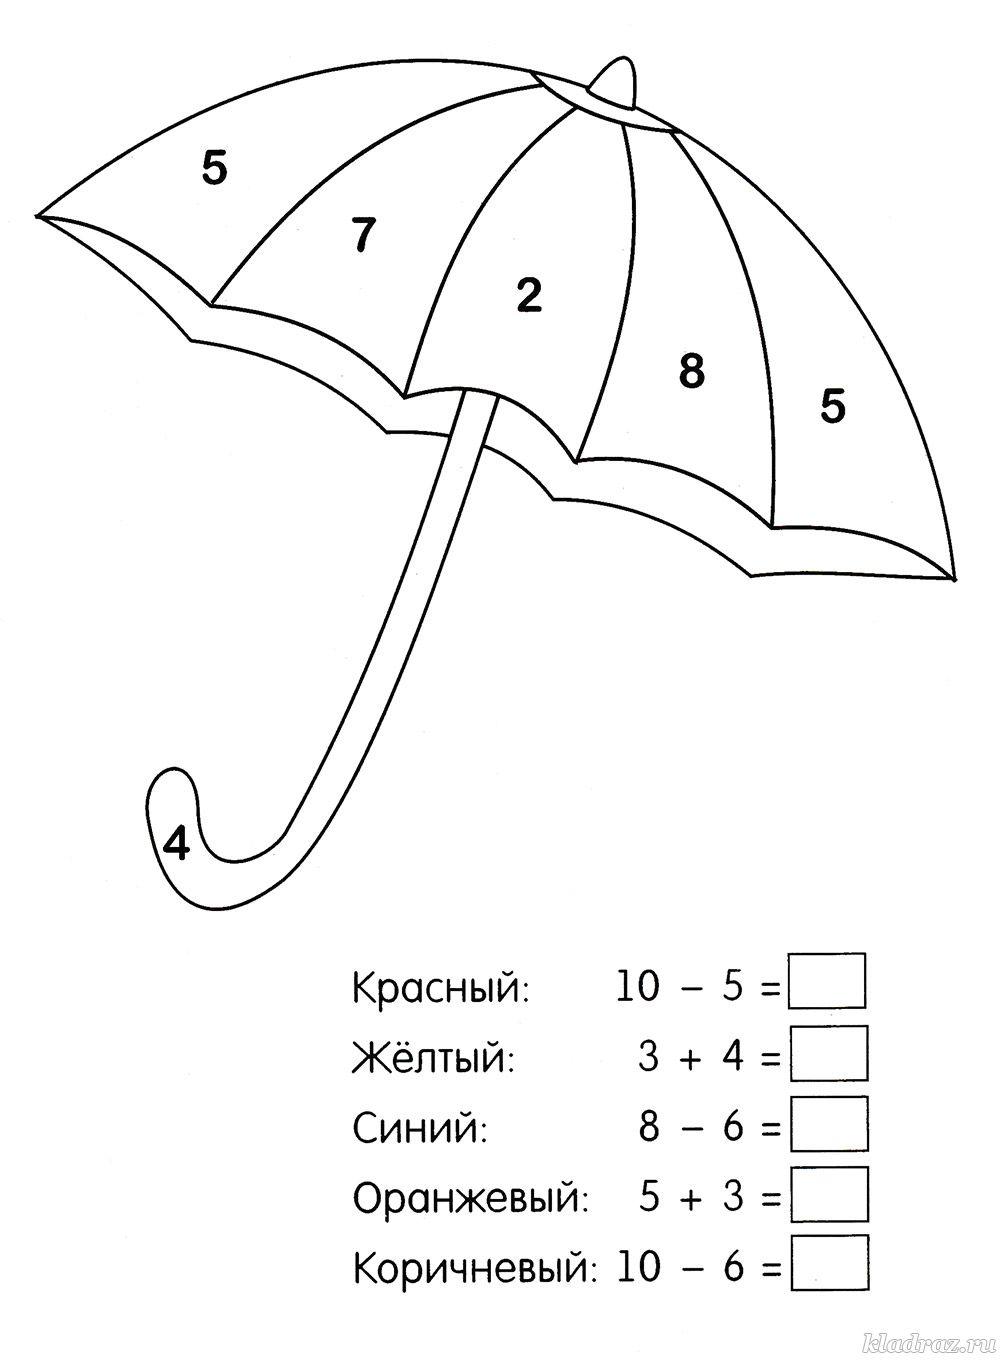 Задания по математике в картинках для детей 6-7 лет ...